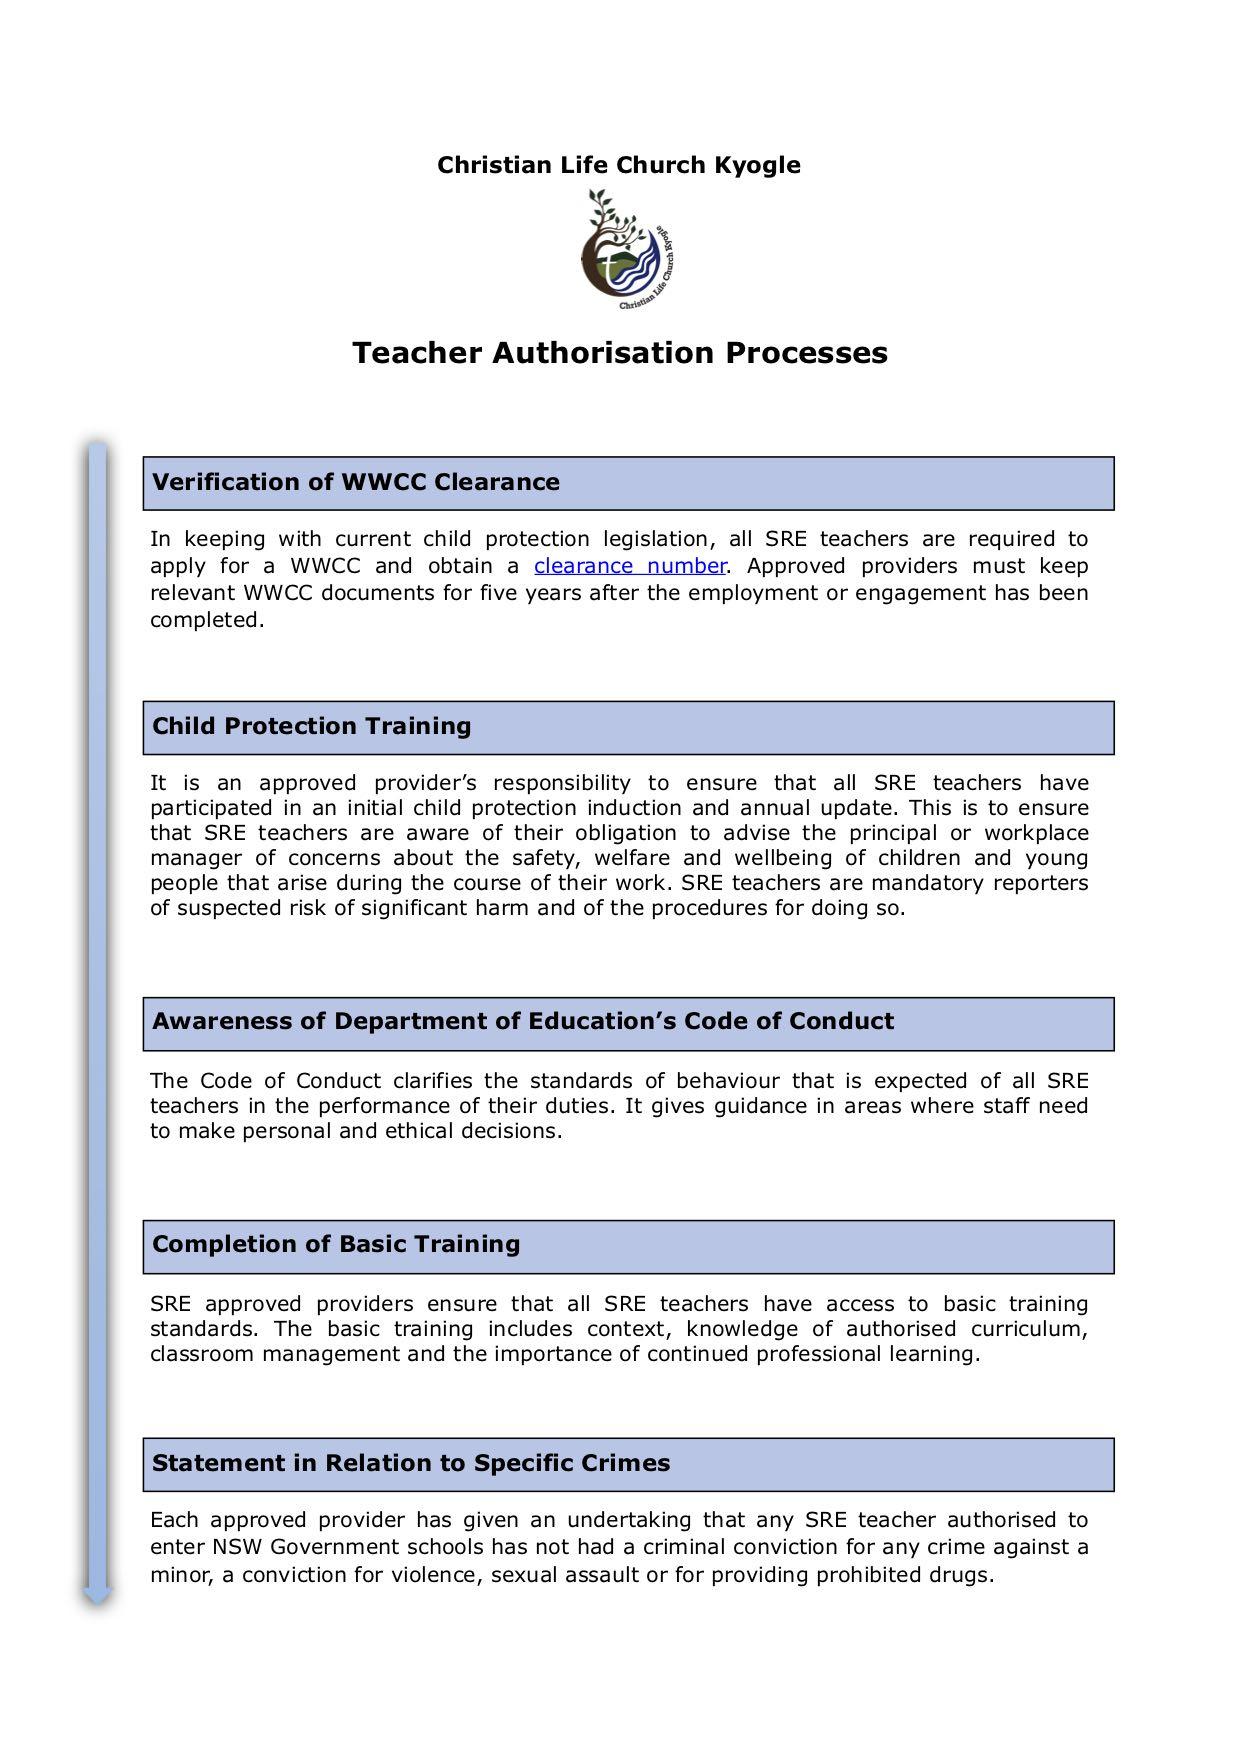 Our Teacher Authorisation process